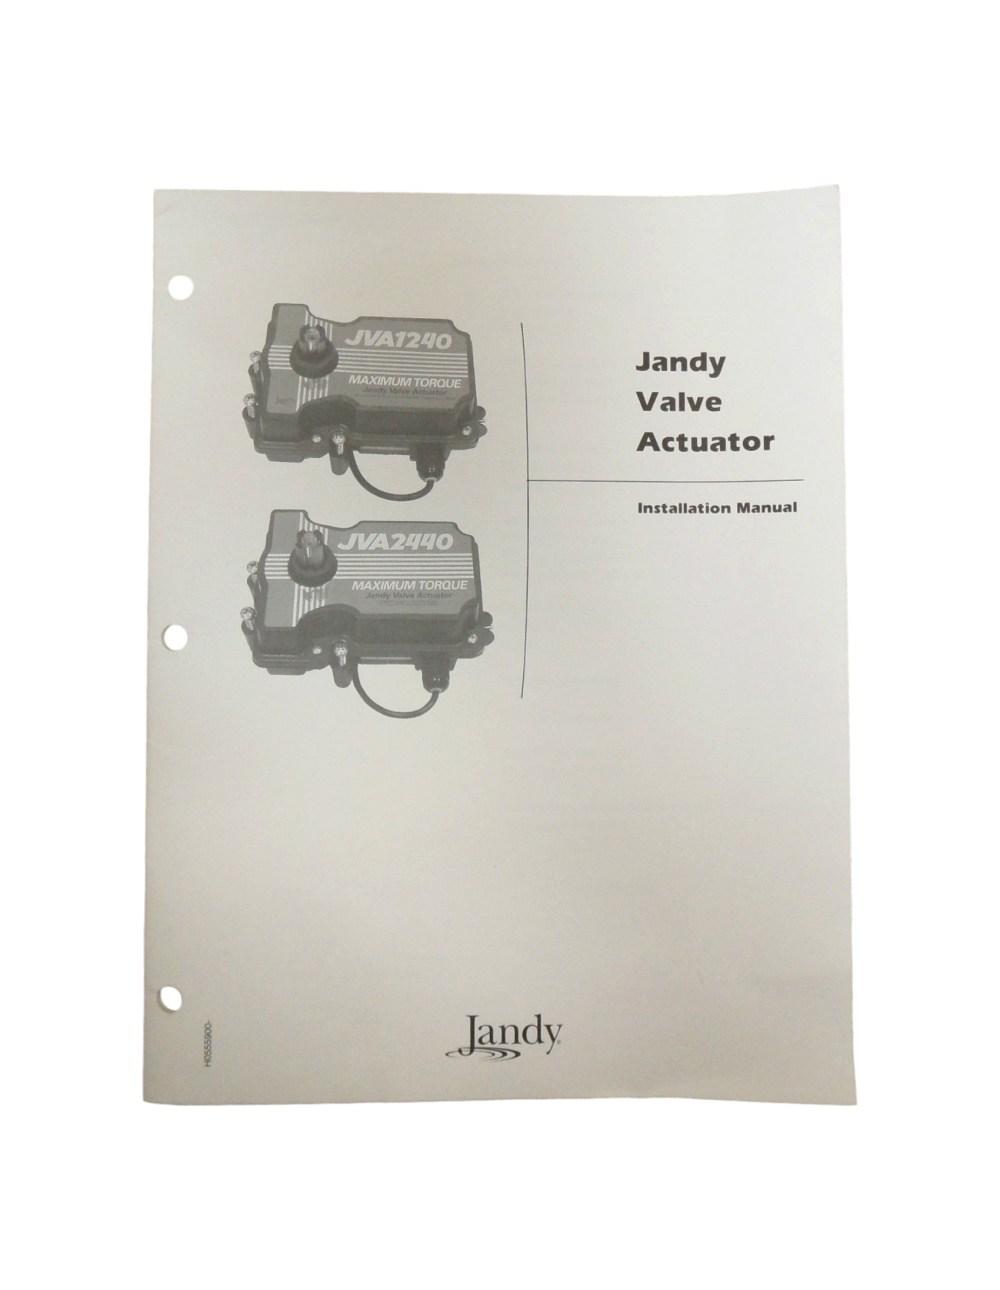 medium resolution of jandy jva1240jva2440 valve actuator installation owners manual